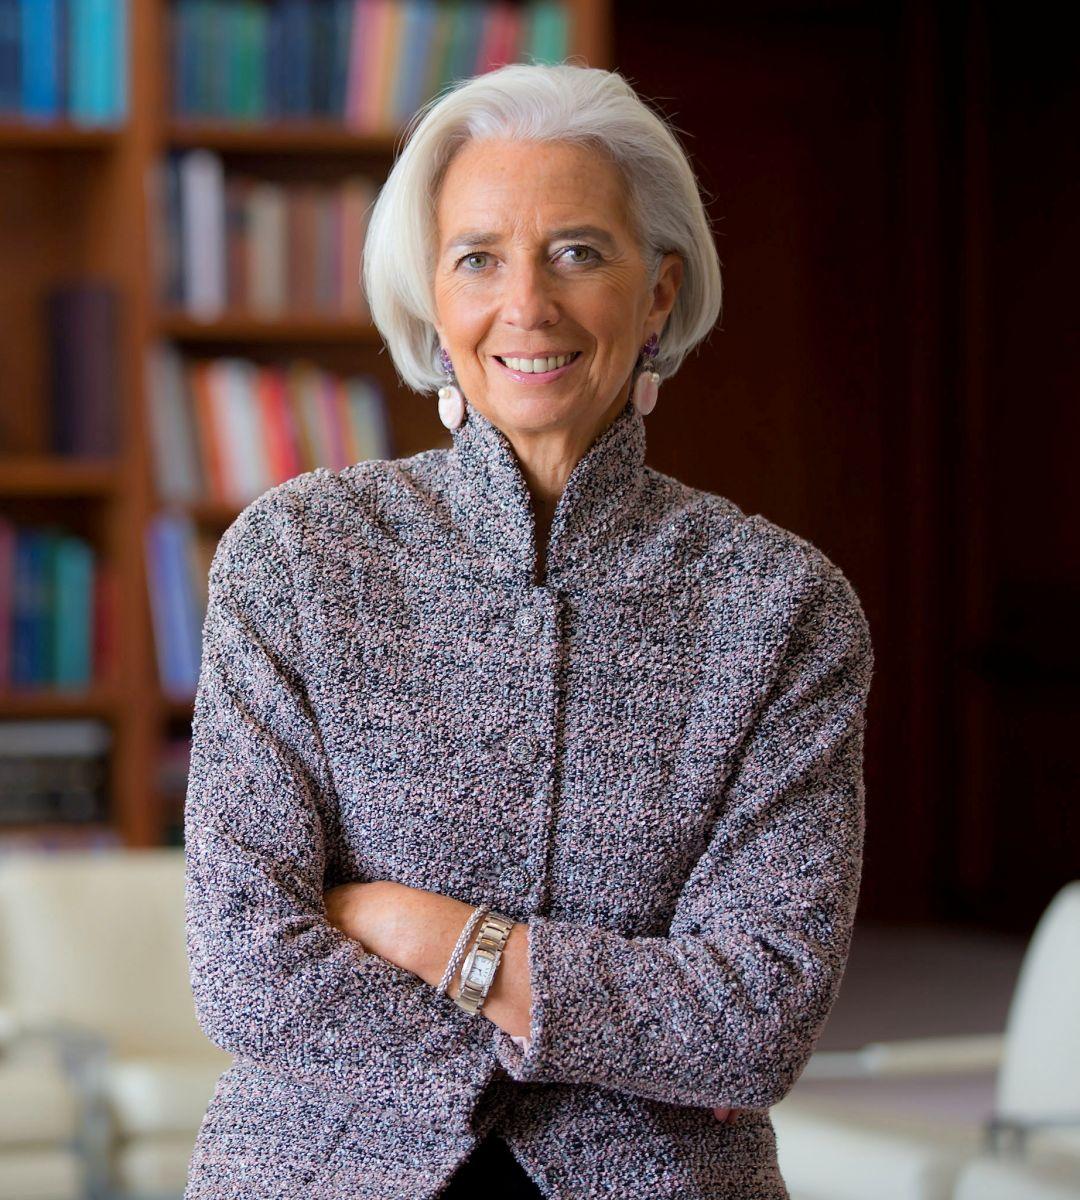 Кто стал самой влиятельной женщиной мира по версии Forbes - фото №6